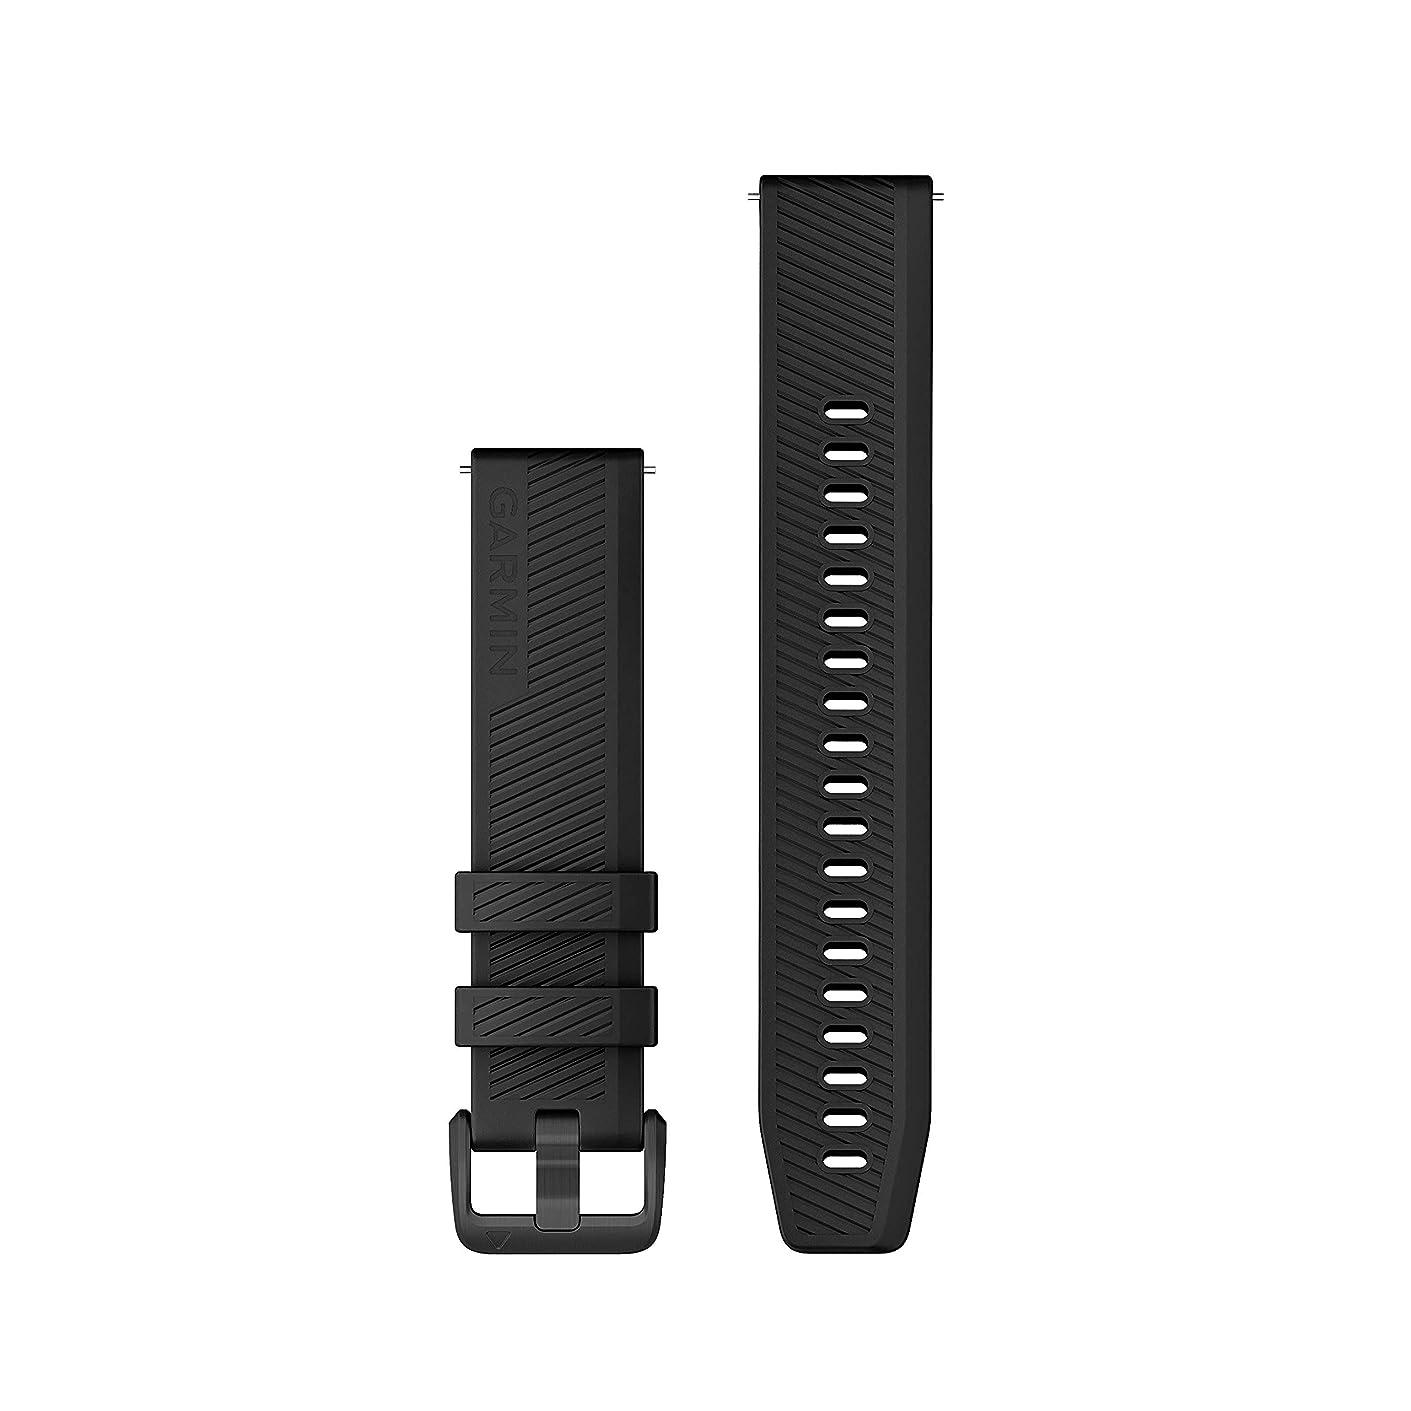 窓を洗う制限する母音ガーミン(GARMIN) QuickRelease バンド 20mm Black Stainless Steelシリコン  010-12926-01